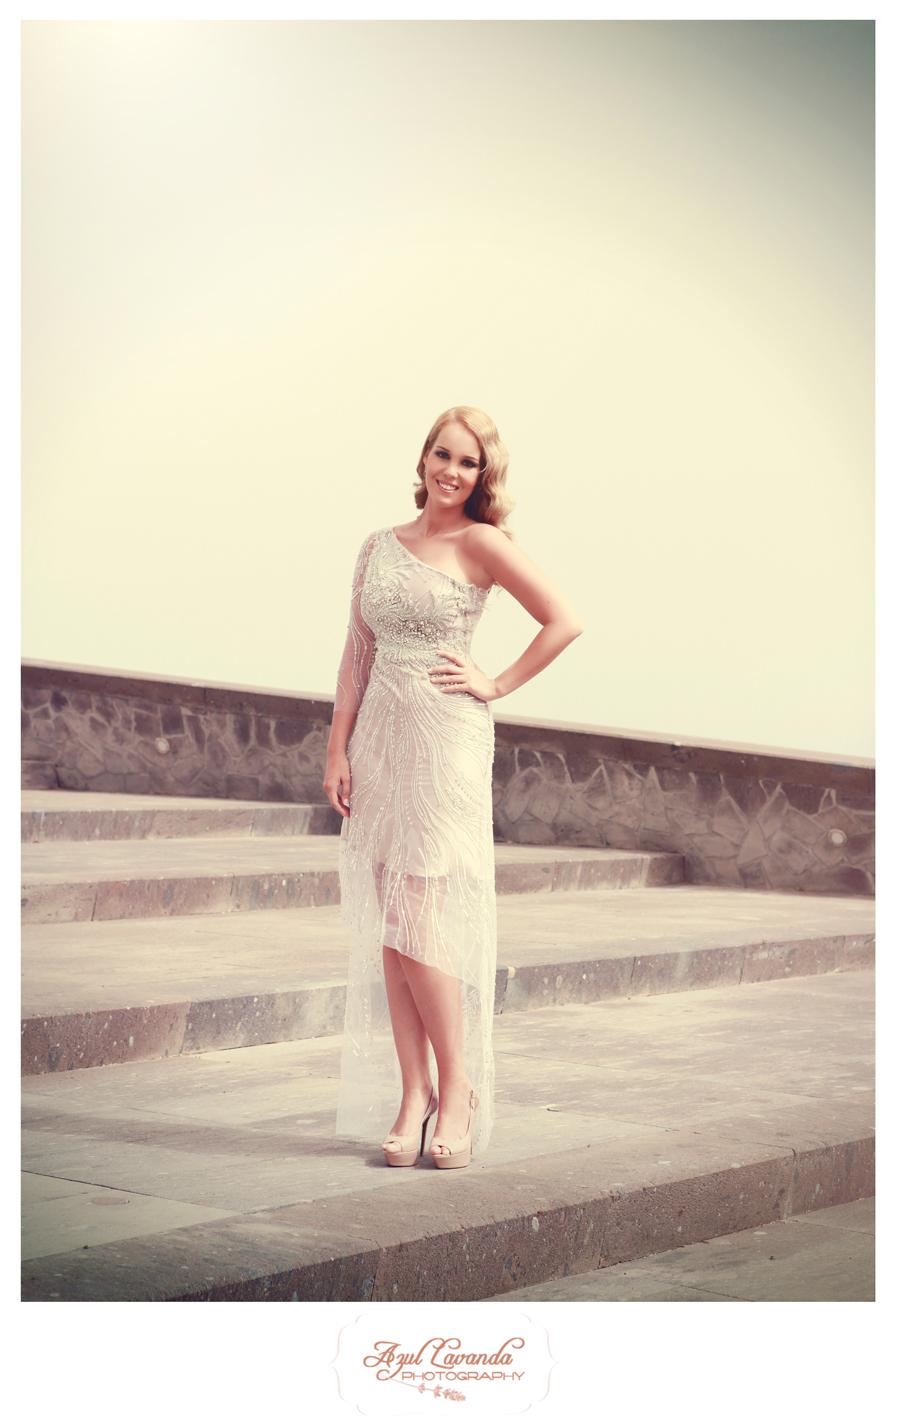 marco y maria dress, marco y maria diseñadores,tenerife moda